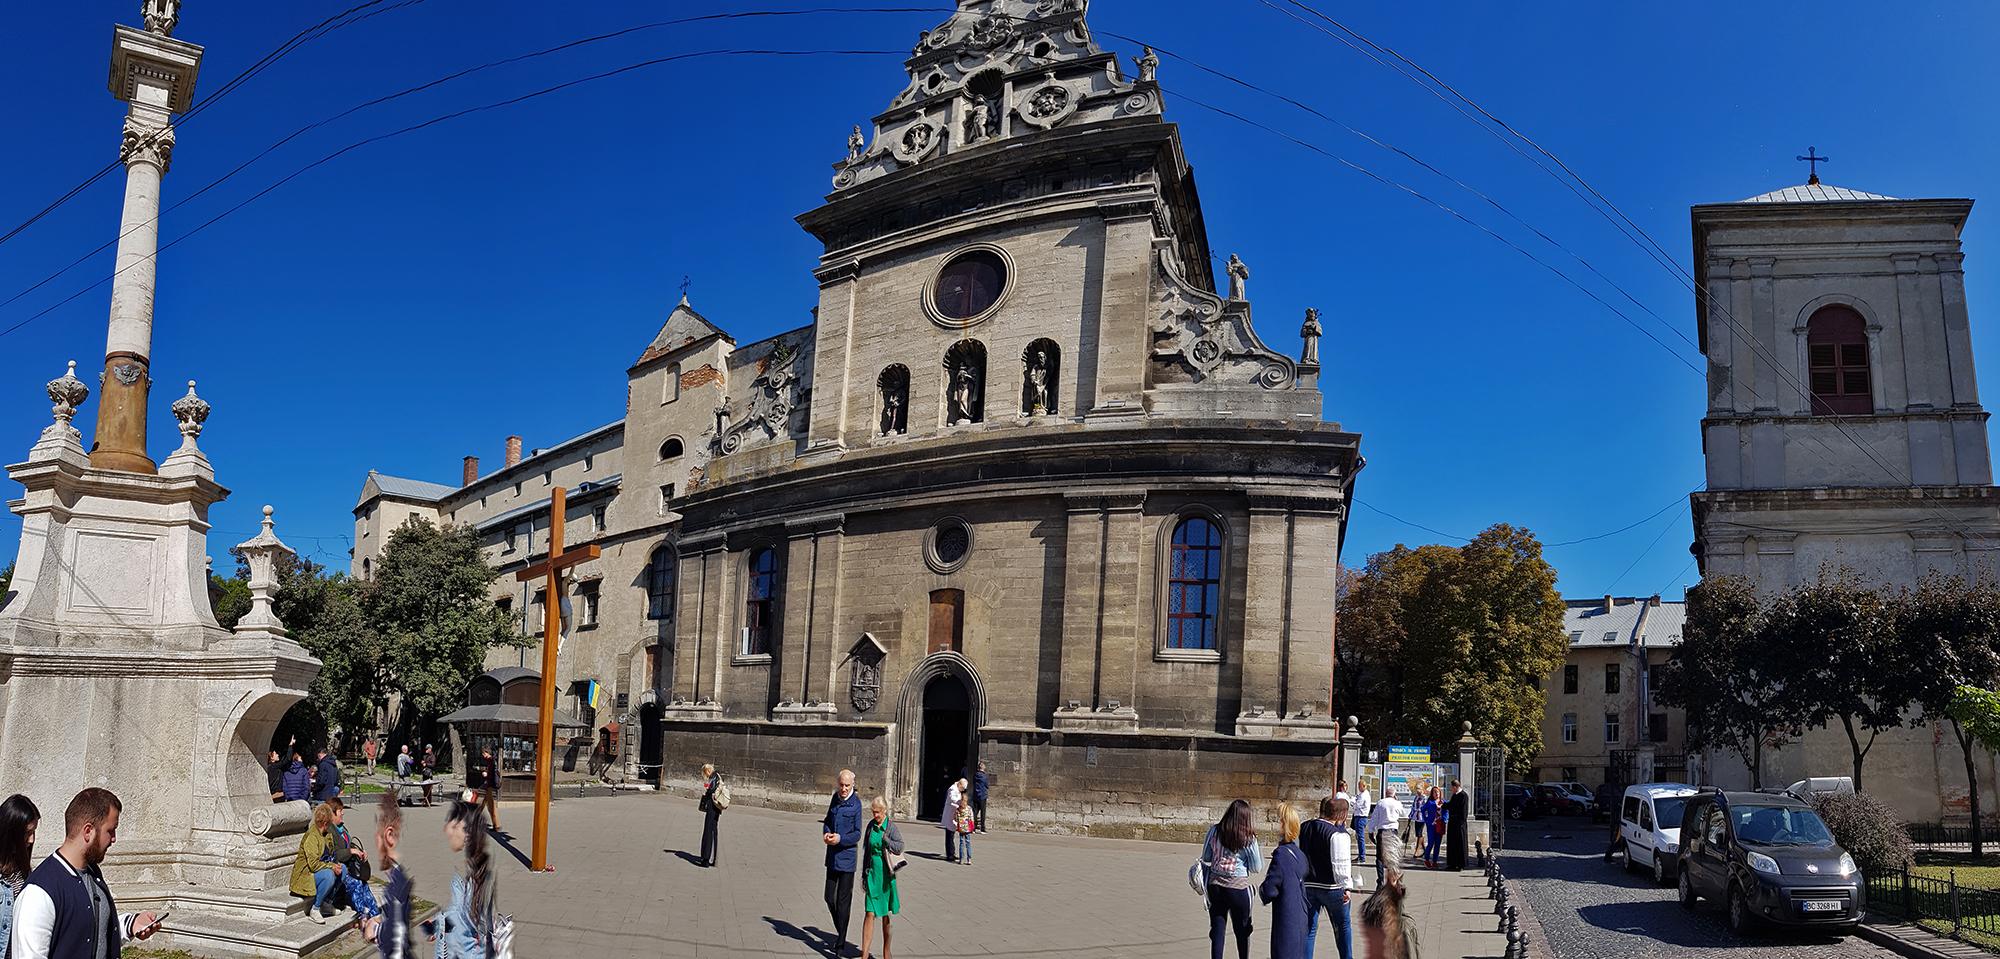 lviv-churchofstandrew-exterior-2019-09-22-13.48.46-©adrianstorey